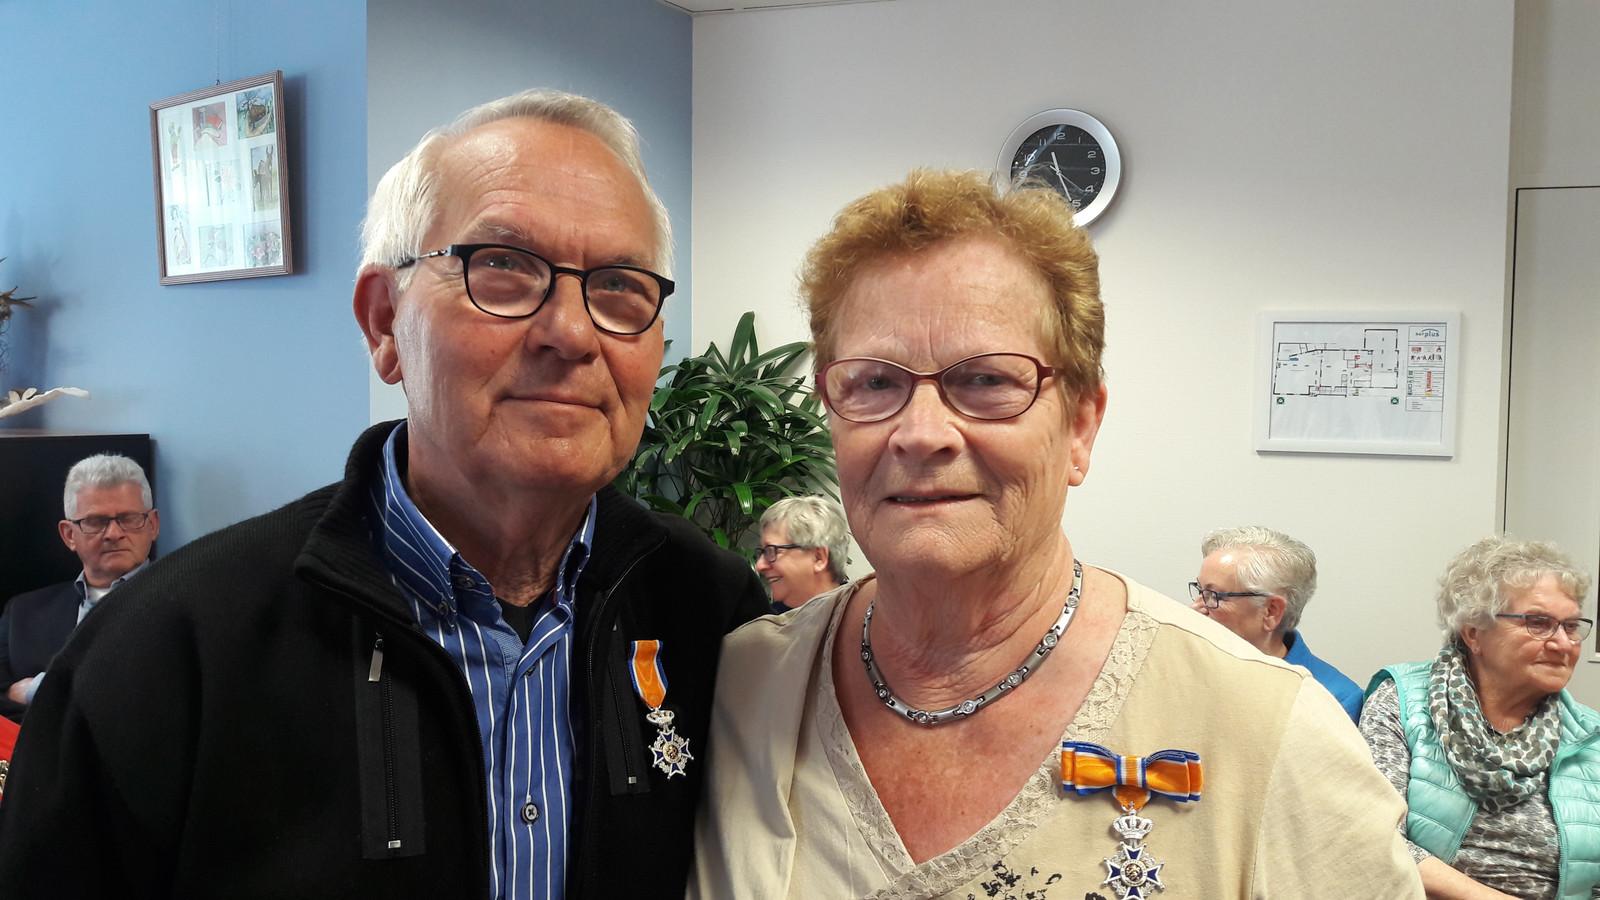 Cees en Gerda Braspenning, Hoeven